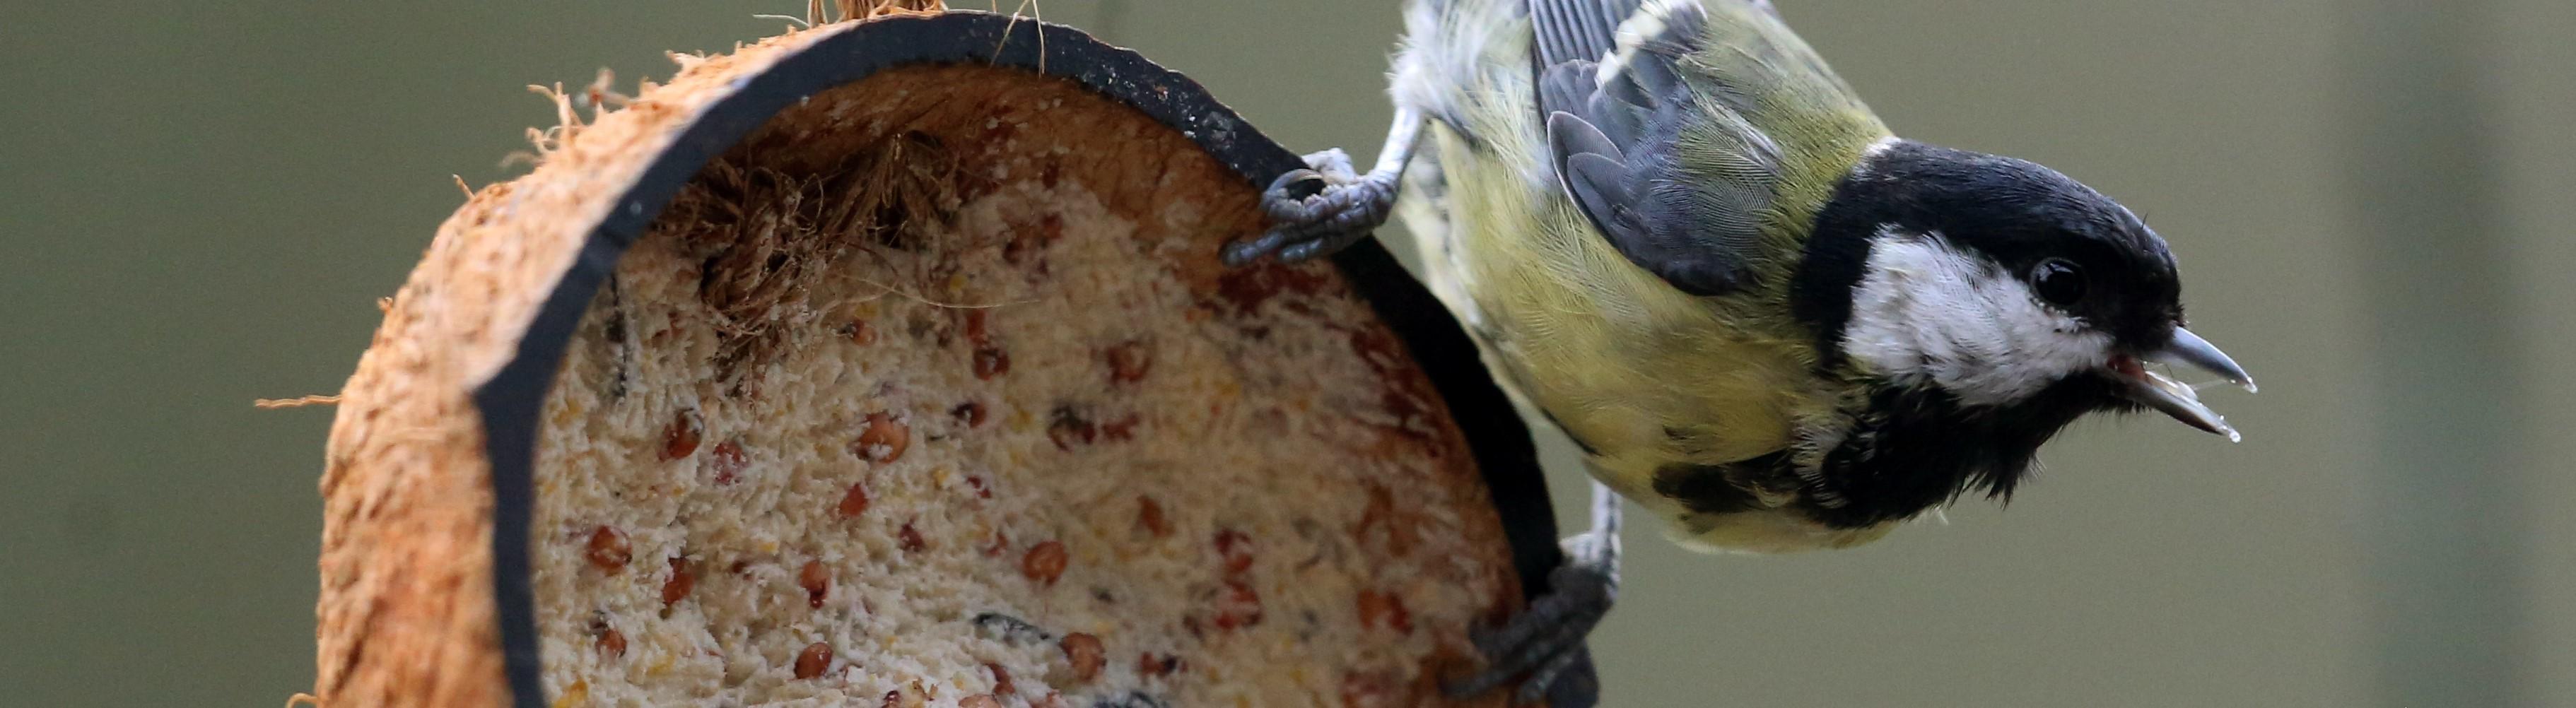 Eine Kohlmeise hält sich am Vogelfutter fest.